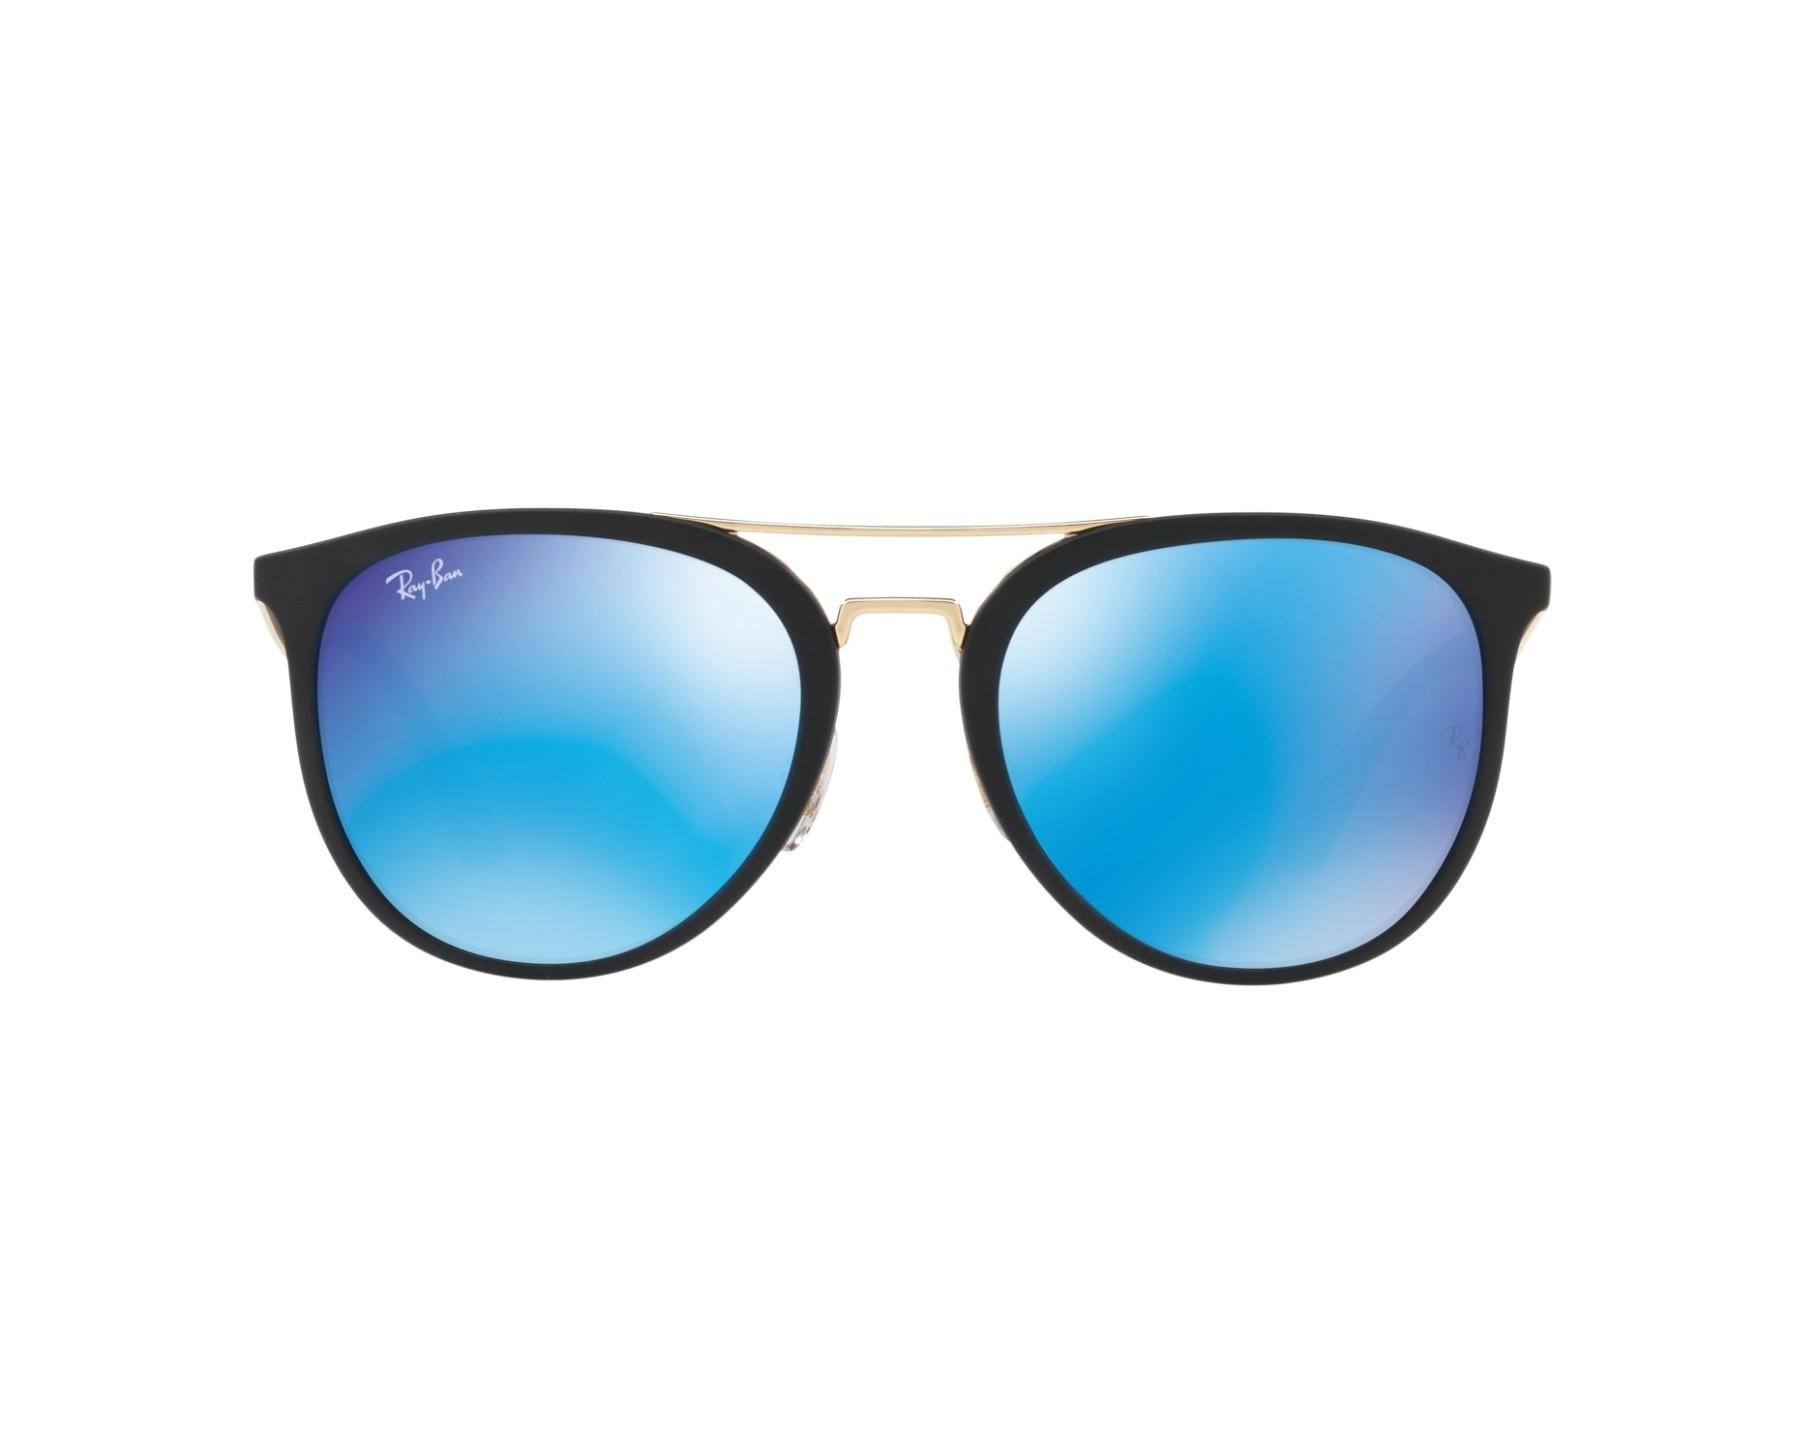 Lunettes de soleil ray ban rb 4285 601s55 noir pas cher for Ray ban verre bleu miroir